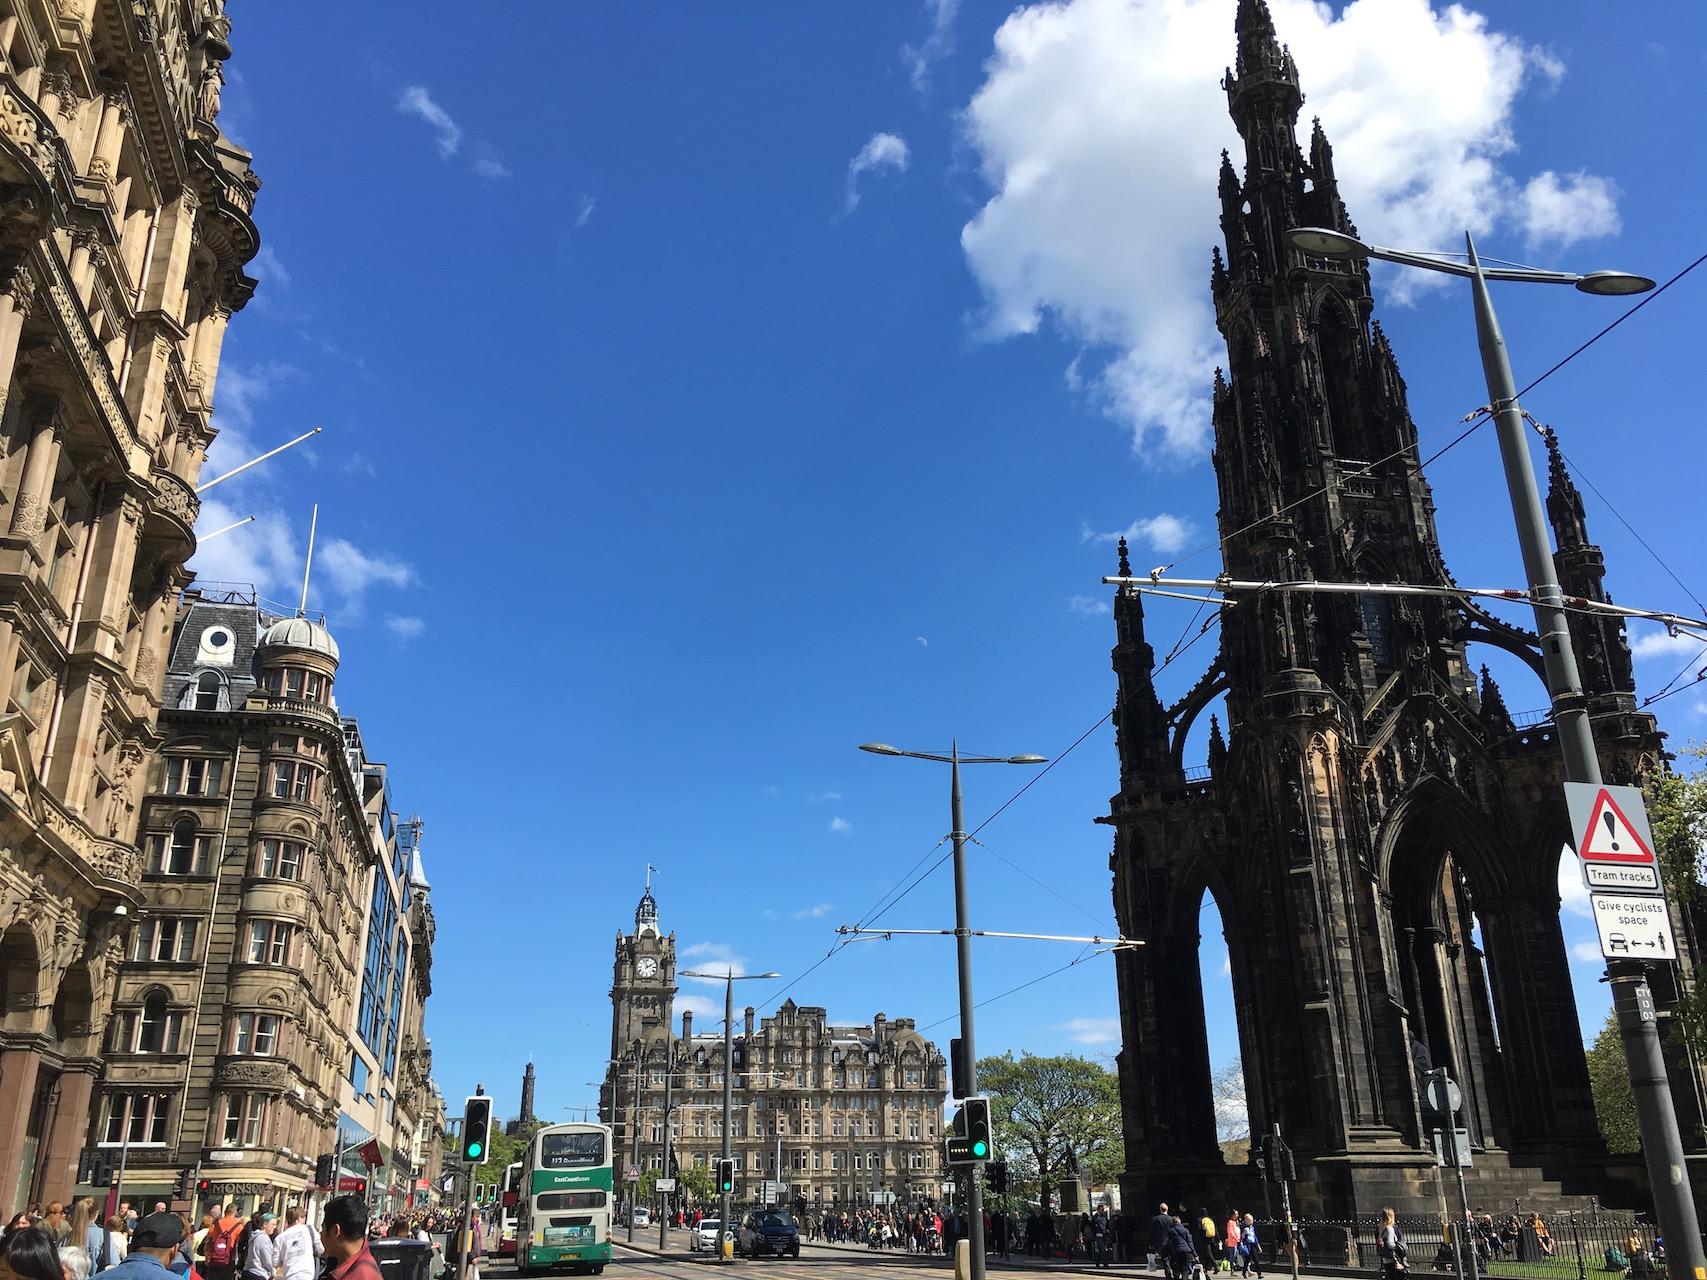 王子街,右边是scott纪念塔